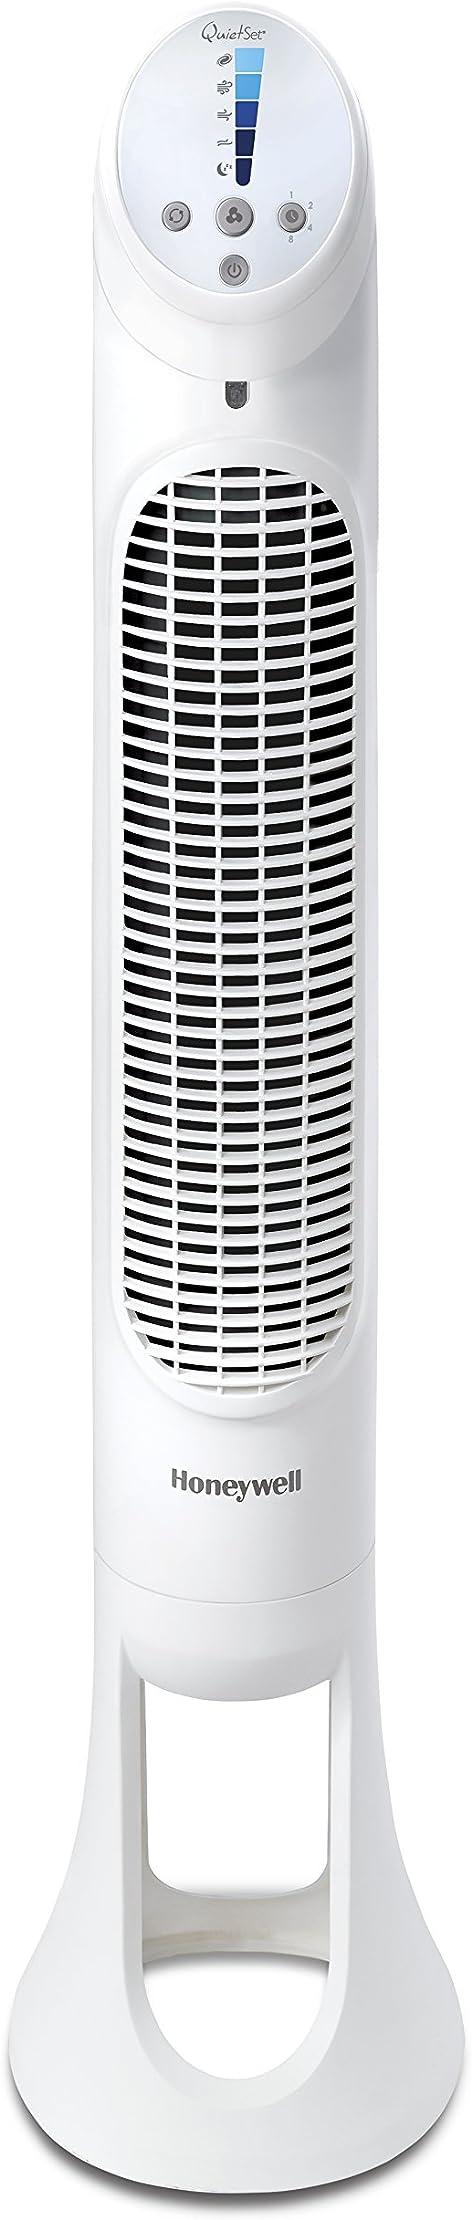 Ventilatore Torre potente/ultra silenzioso con telecomando honeywell hyf260e4 quietset